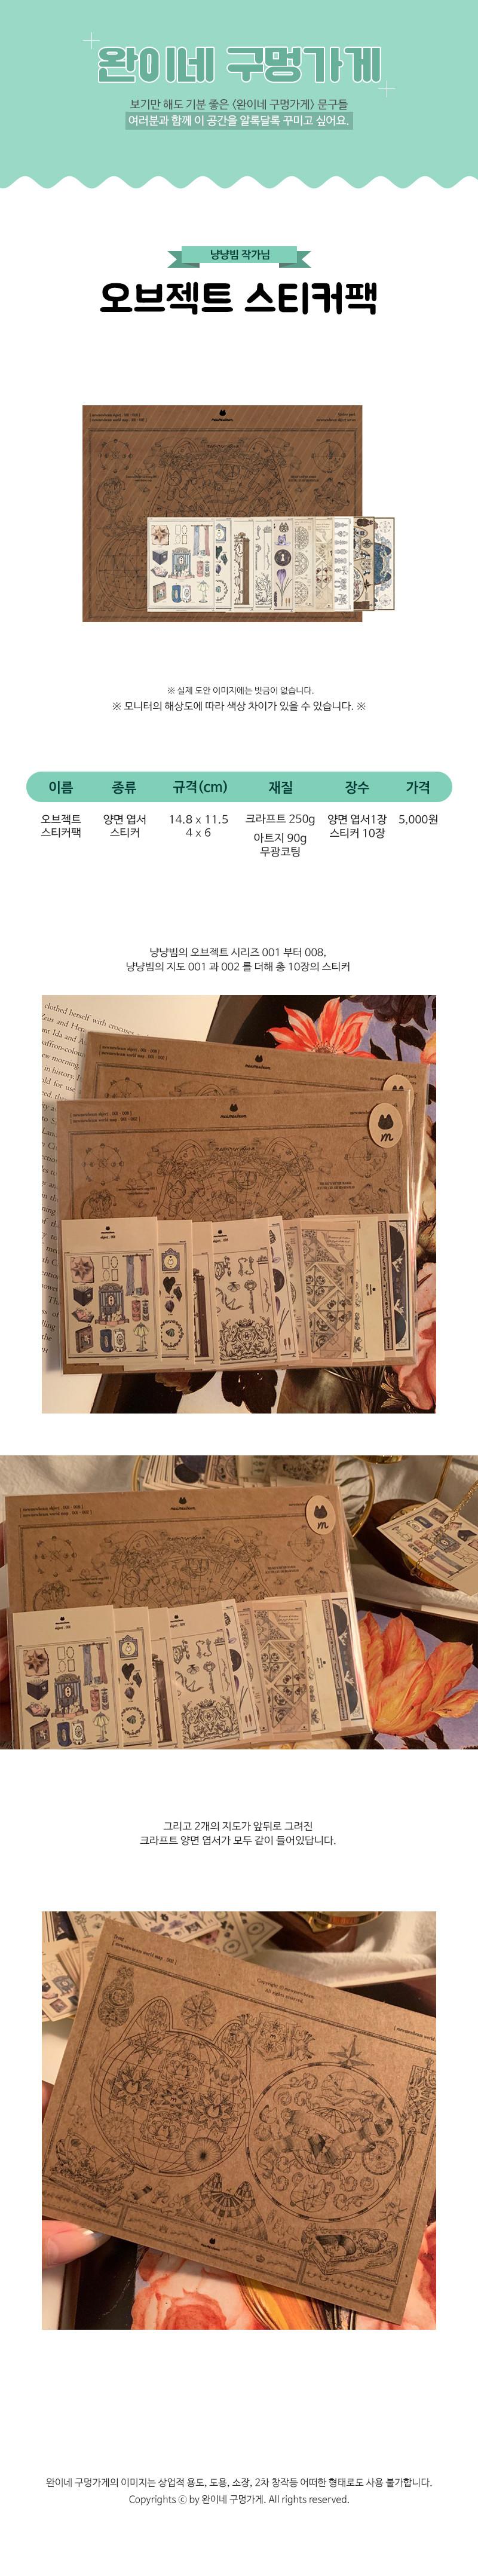 sticker461